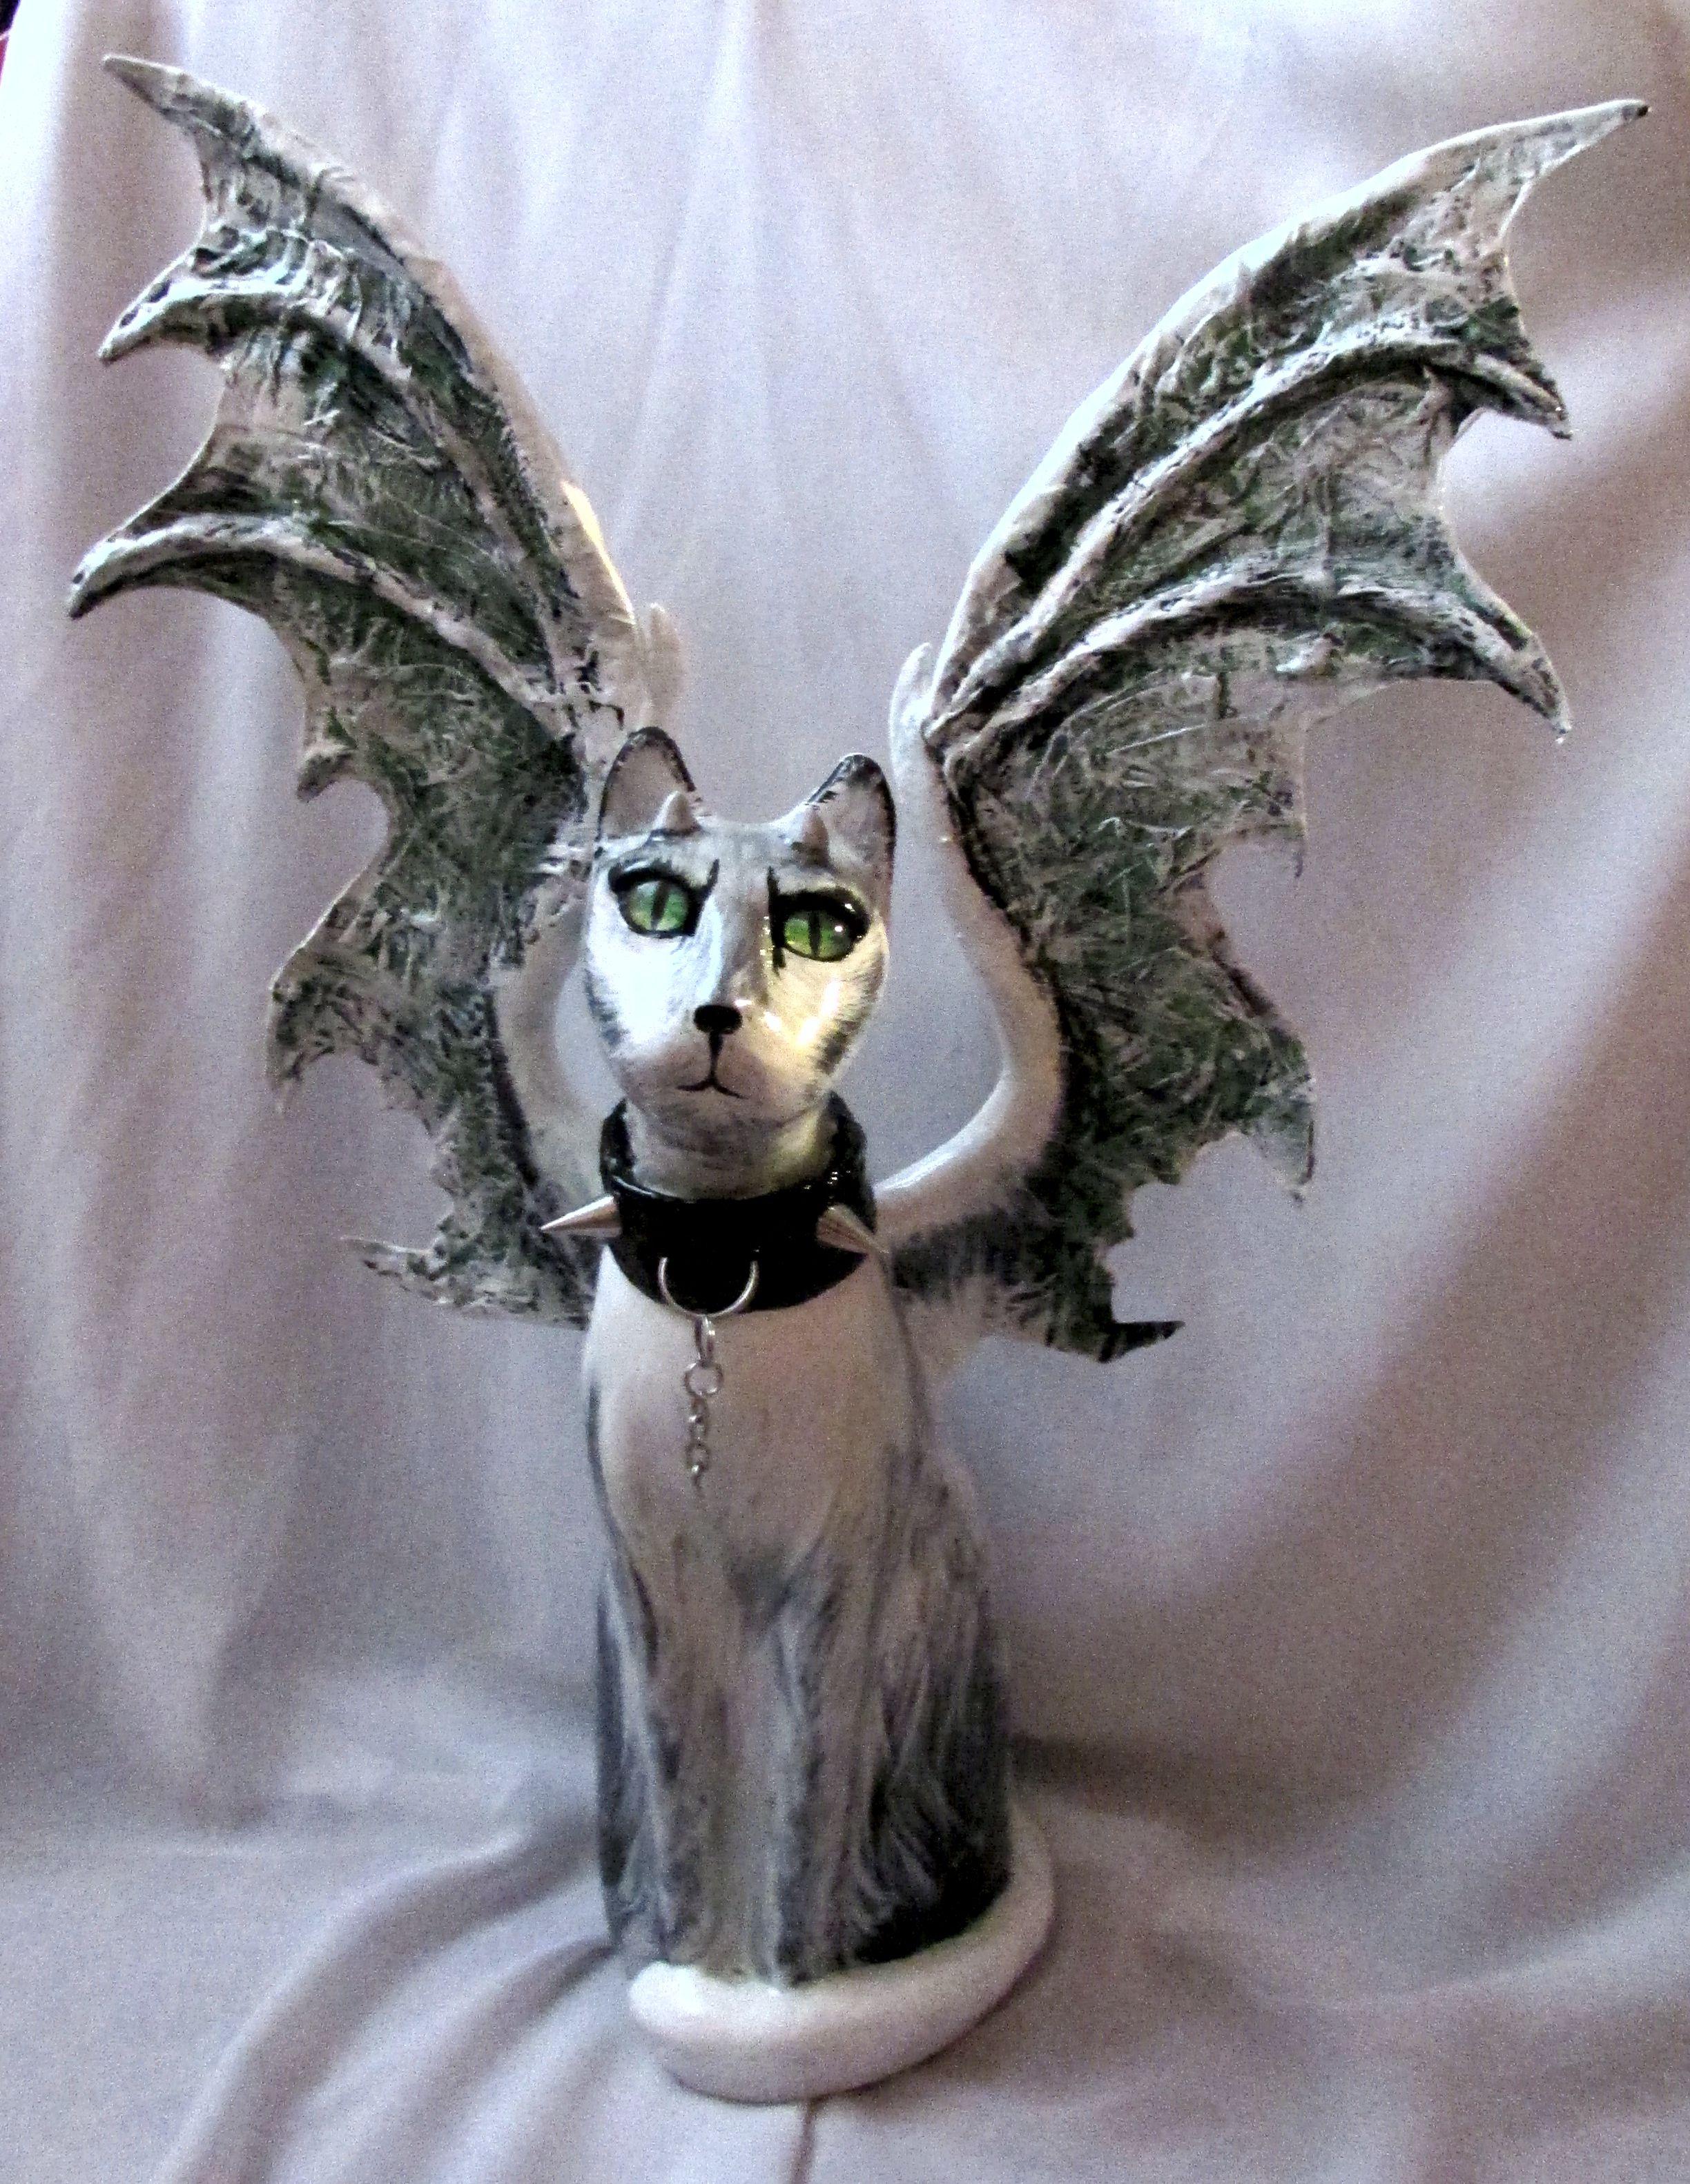 купить декор статуэтка комбинированный с кошка крыльями статуэтку охотник демон кот дом